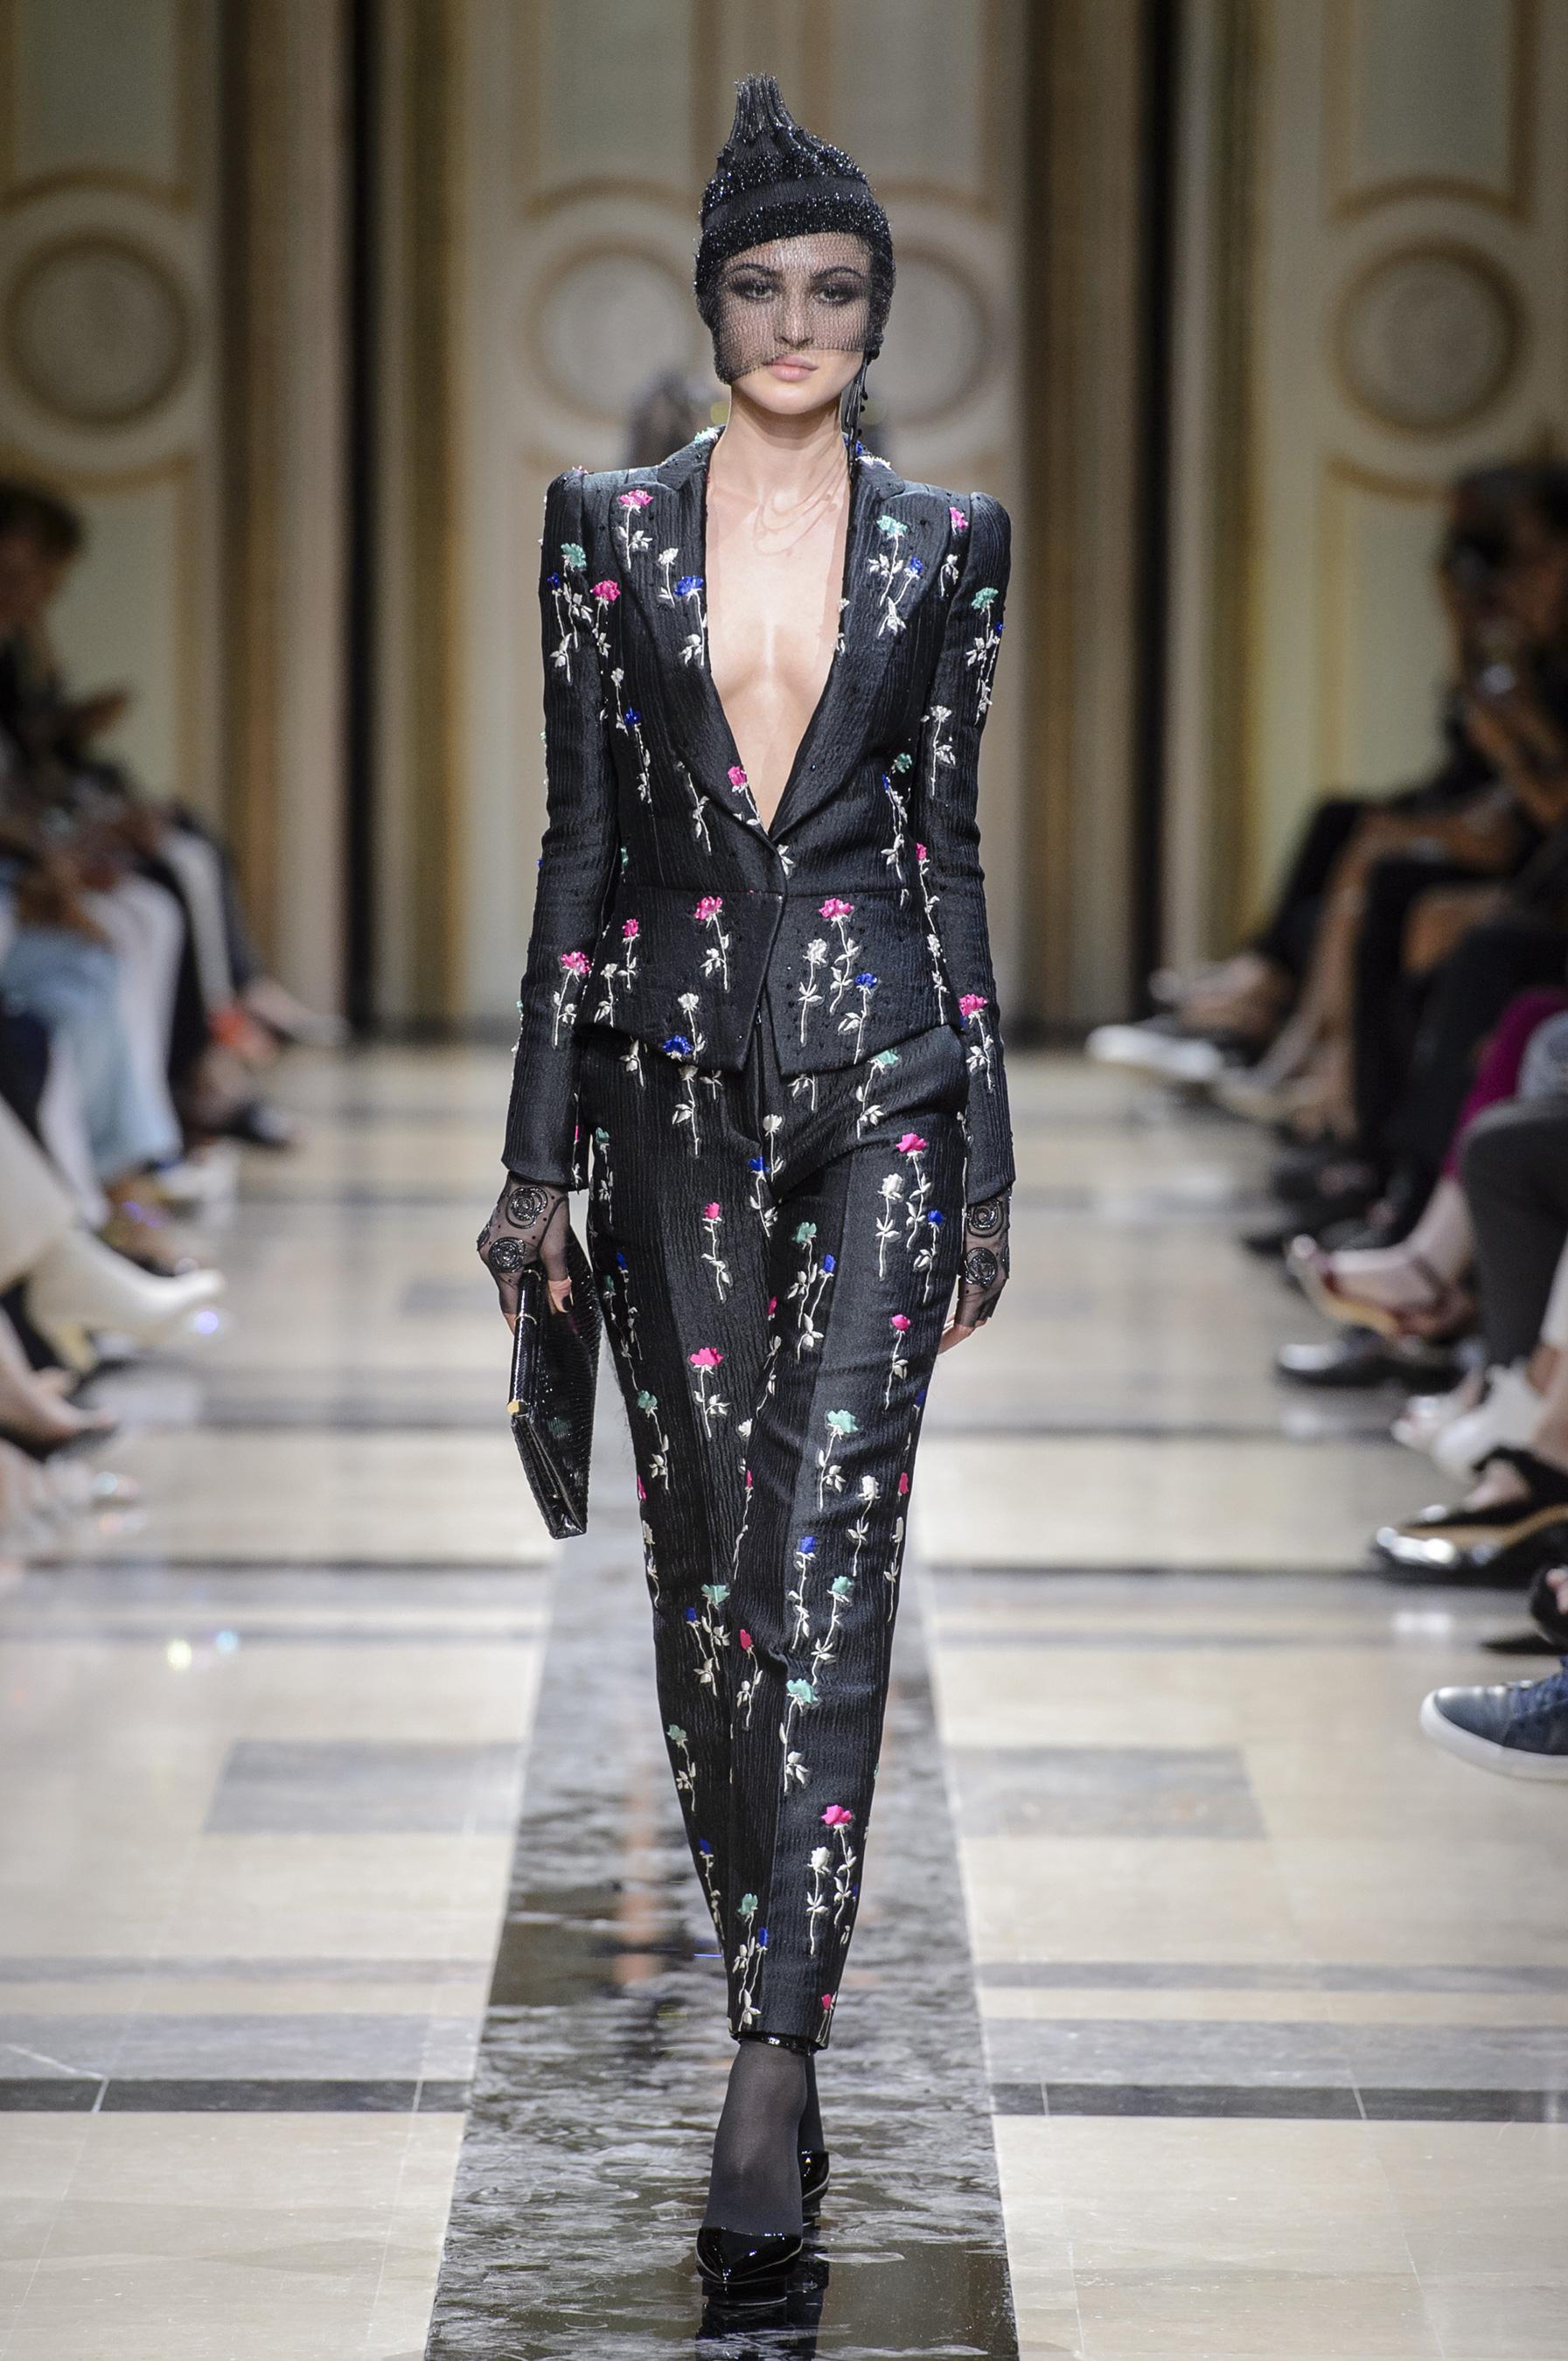 e9c683c5c020fc Défilé Giorgio Armani Privé Automne-hiver 2017-2018 Couture - Madame ...